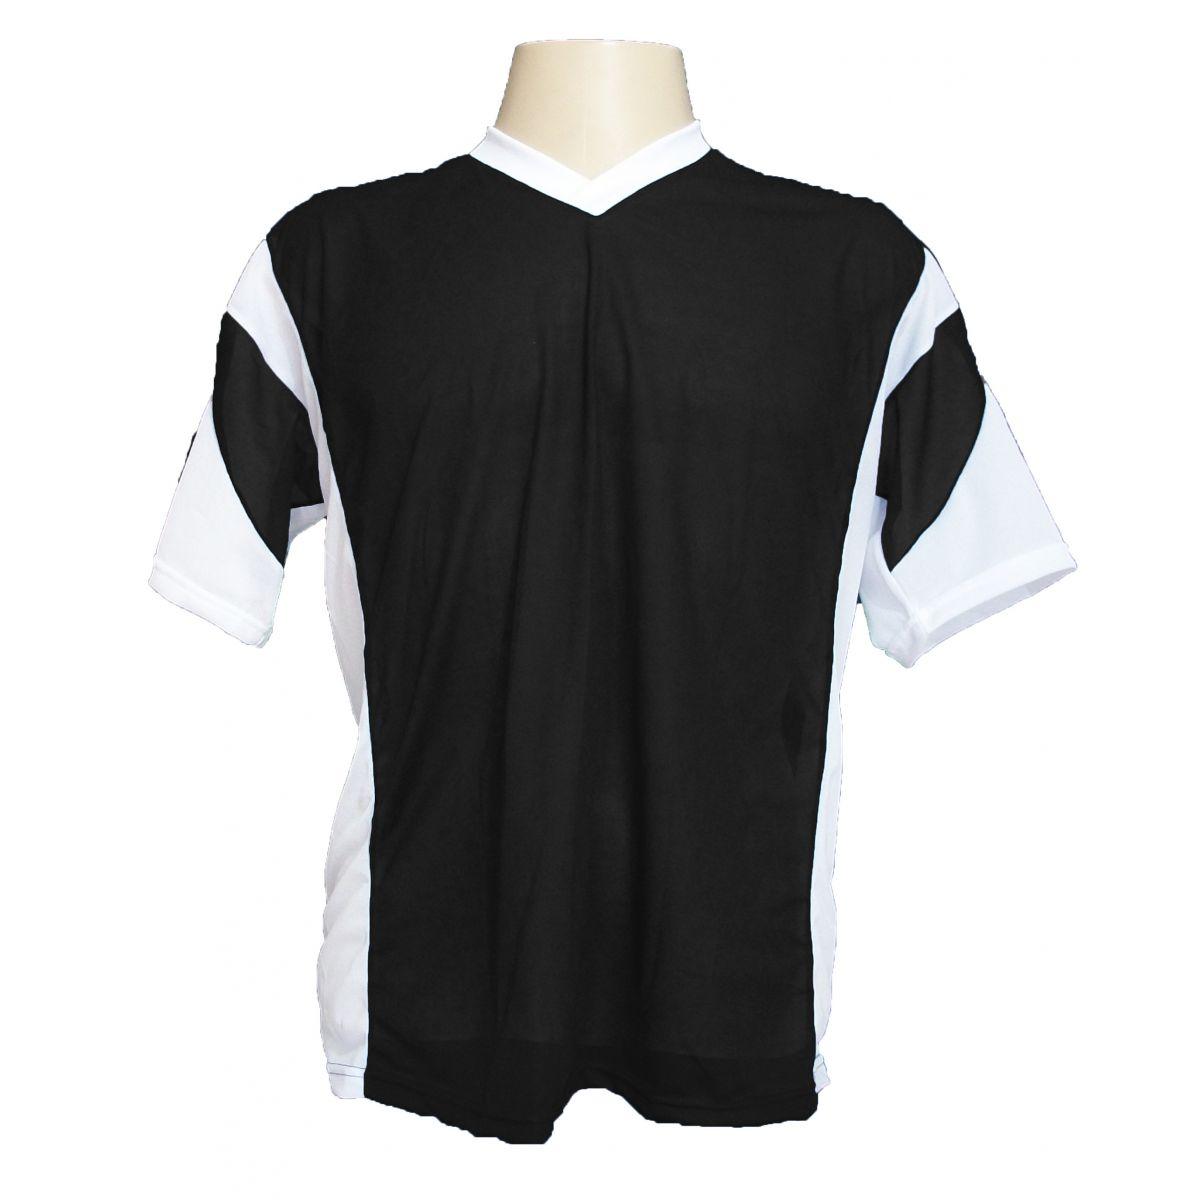 Jogo de Camisa Promocional com 18 Peças Numeradas Modelo Attack Preto/Branco - Frete Grátis Brasil